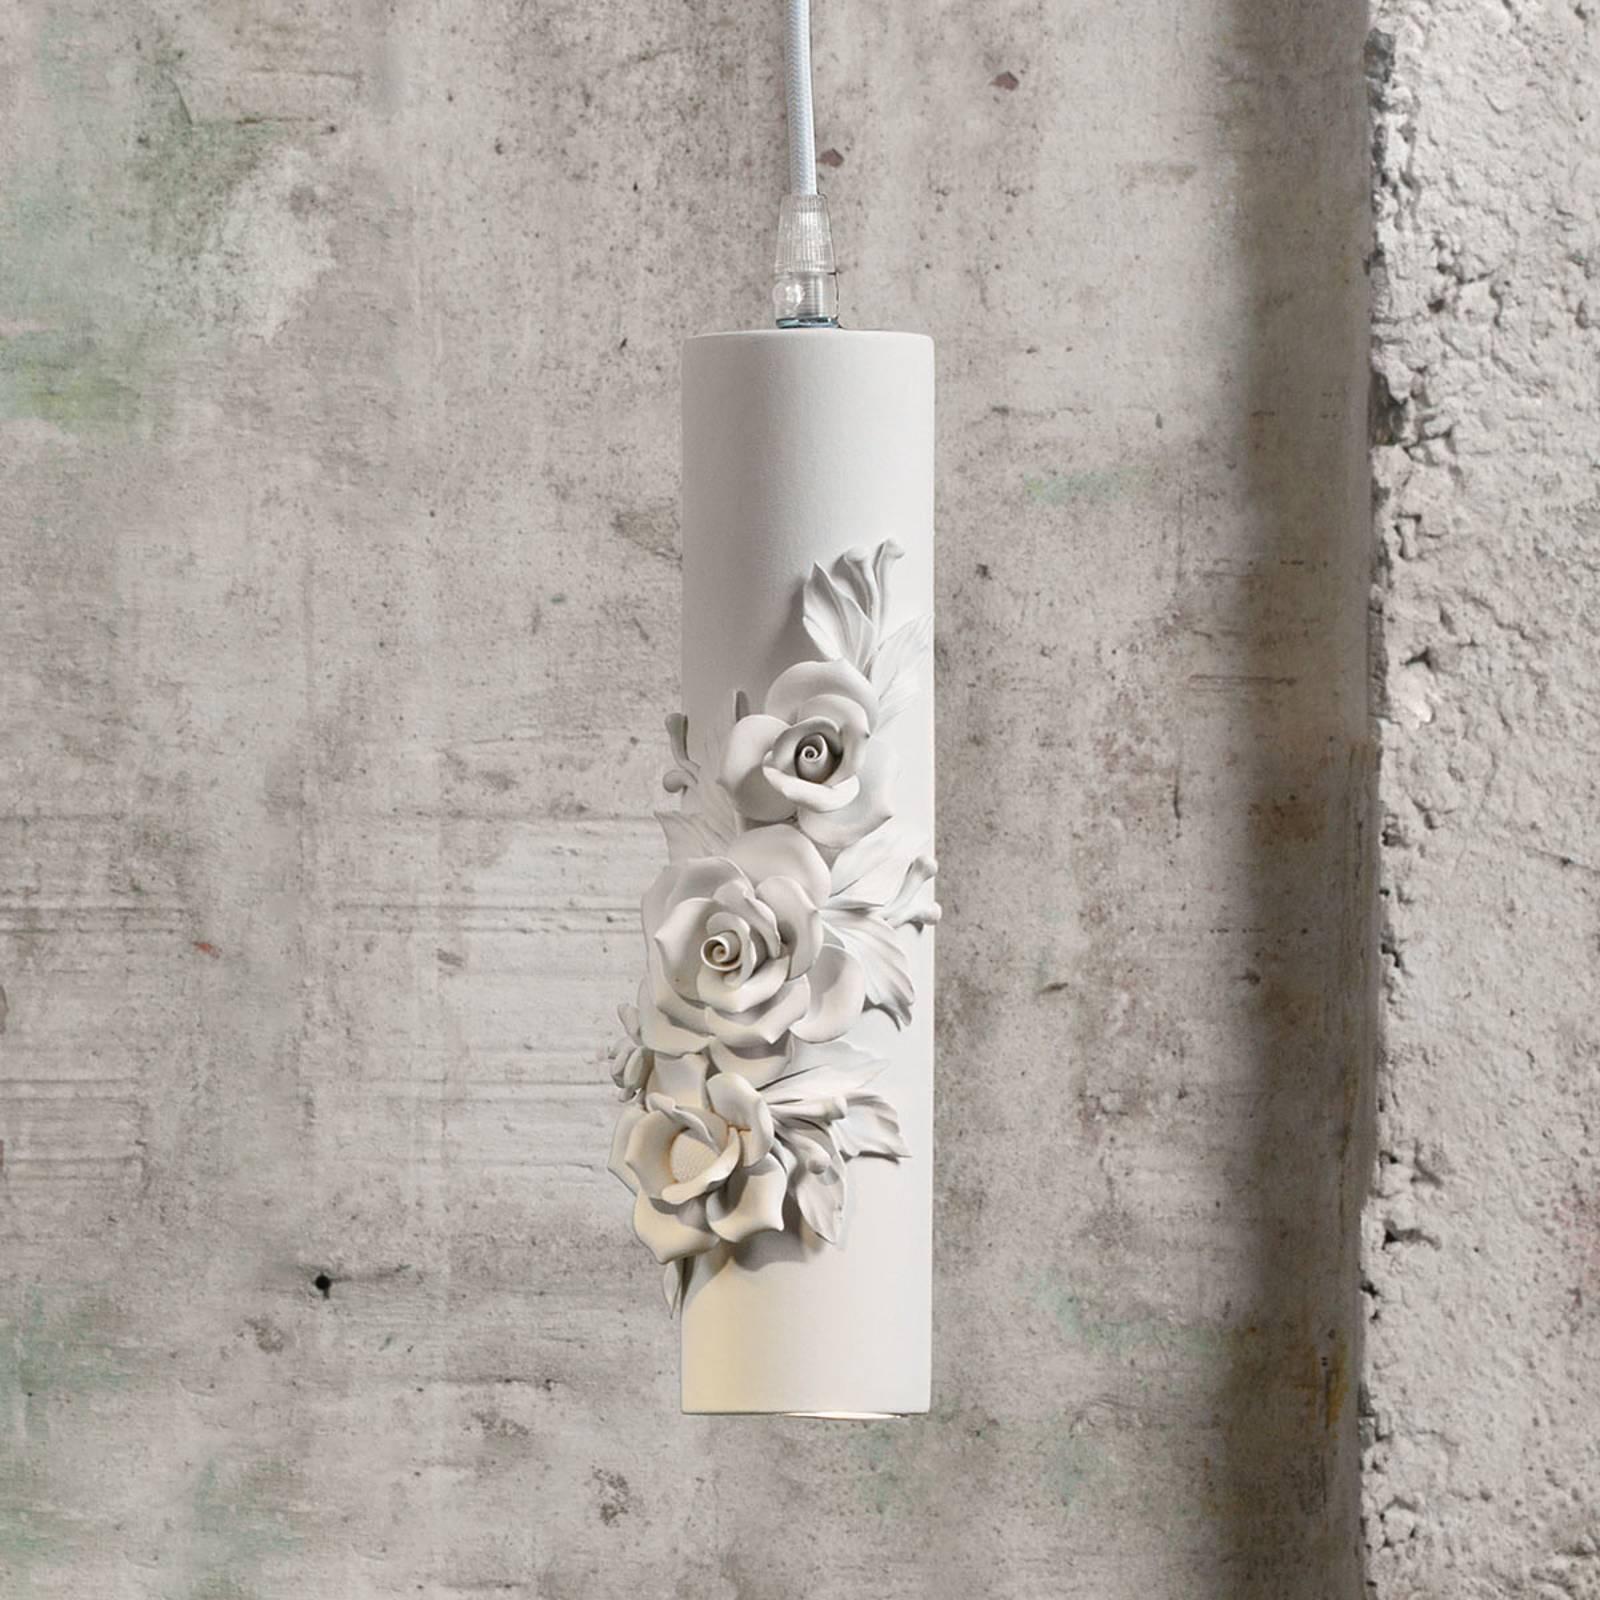 Design-LED-riippuvalaisin Capodimonte, keramiikkaa